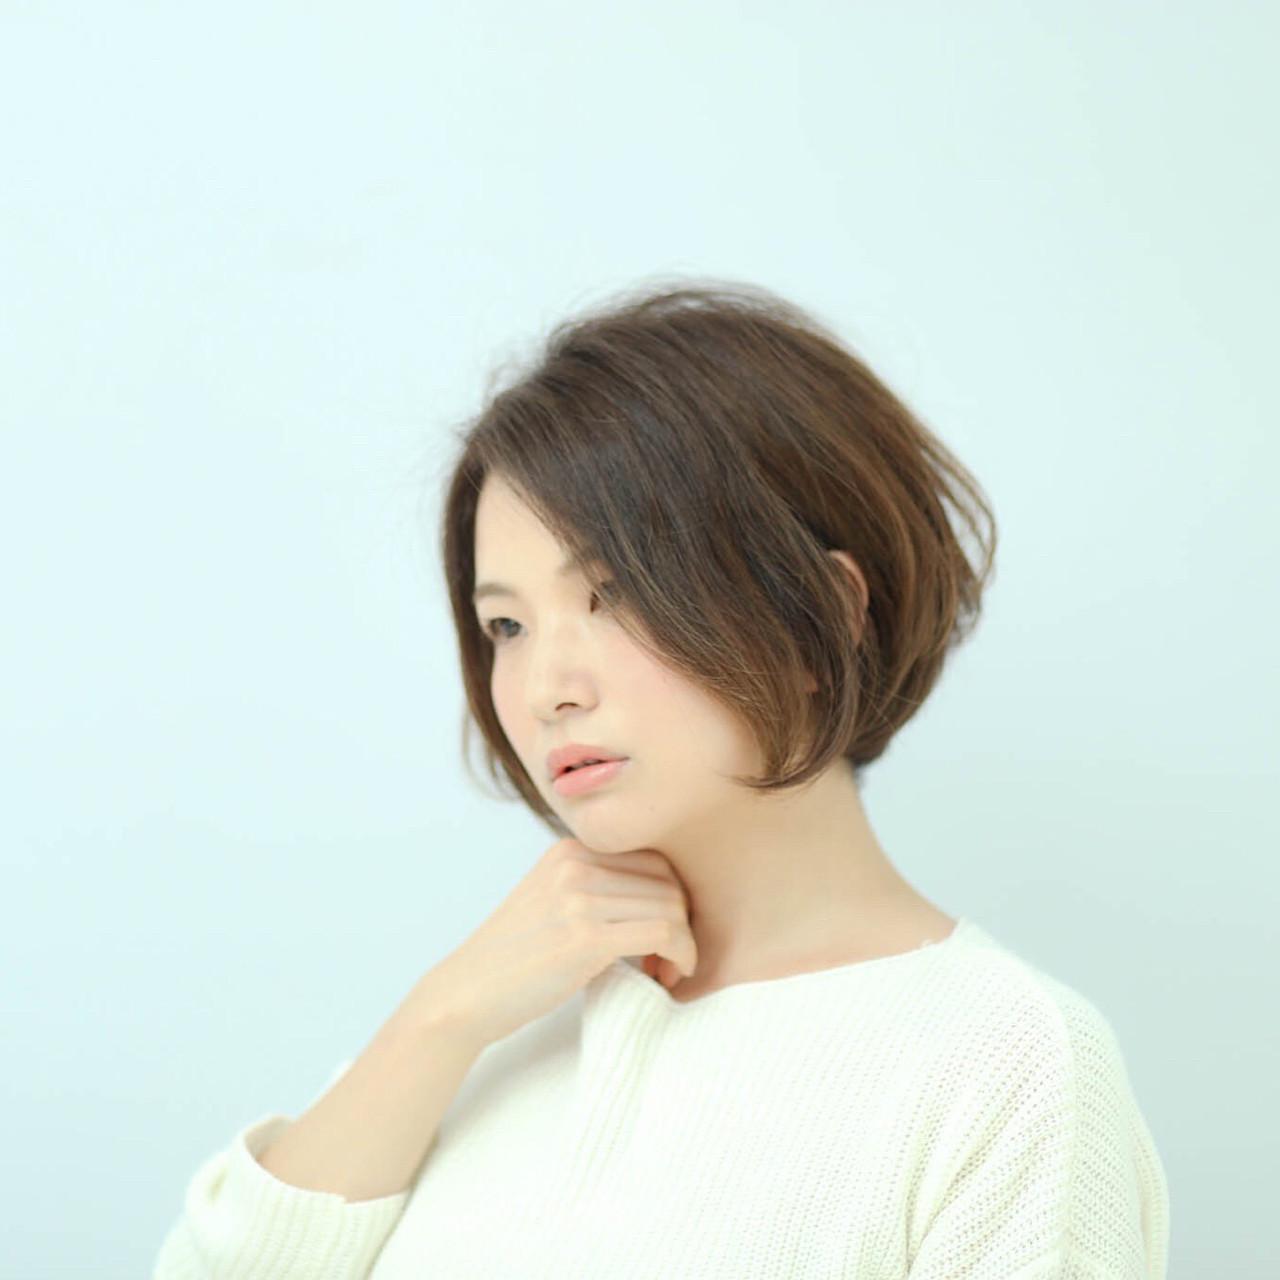 【顔型別】髪型に迷うなら顔の形で決める♡おすすめヘアスタイル集 AI